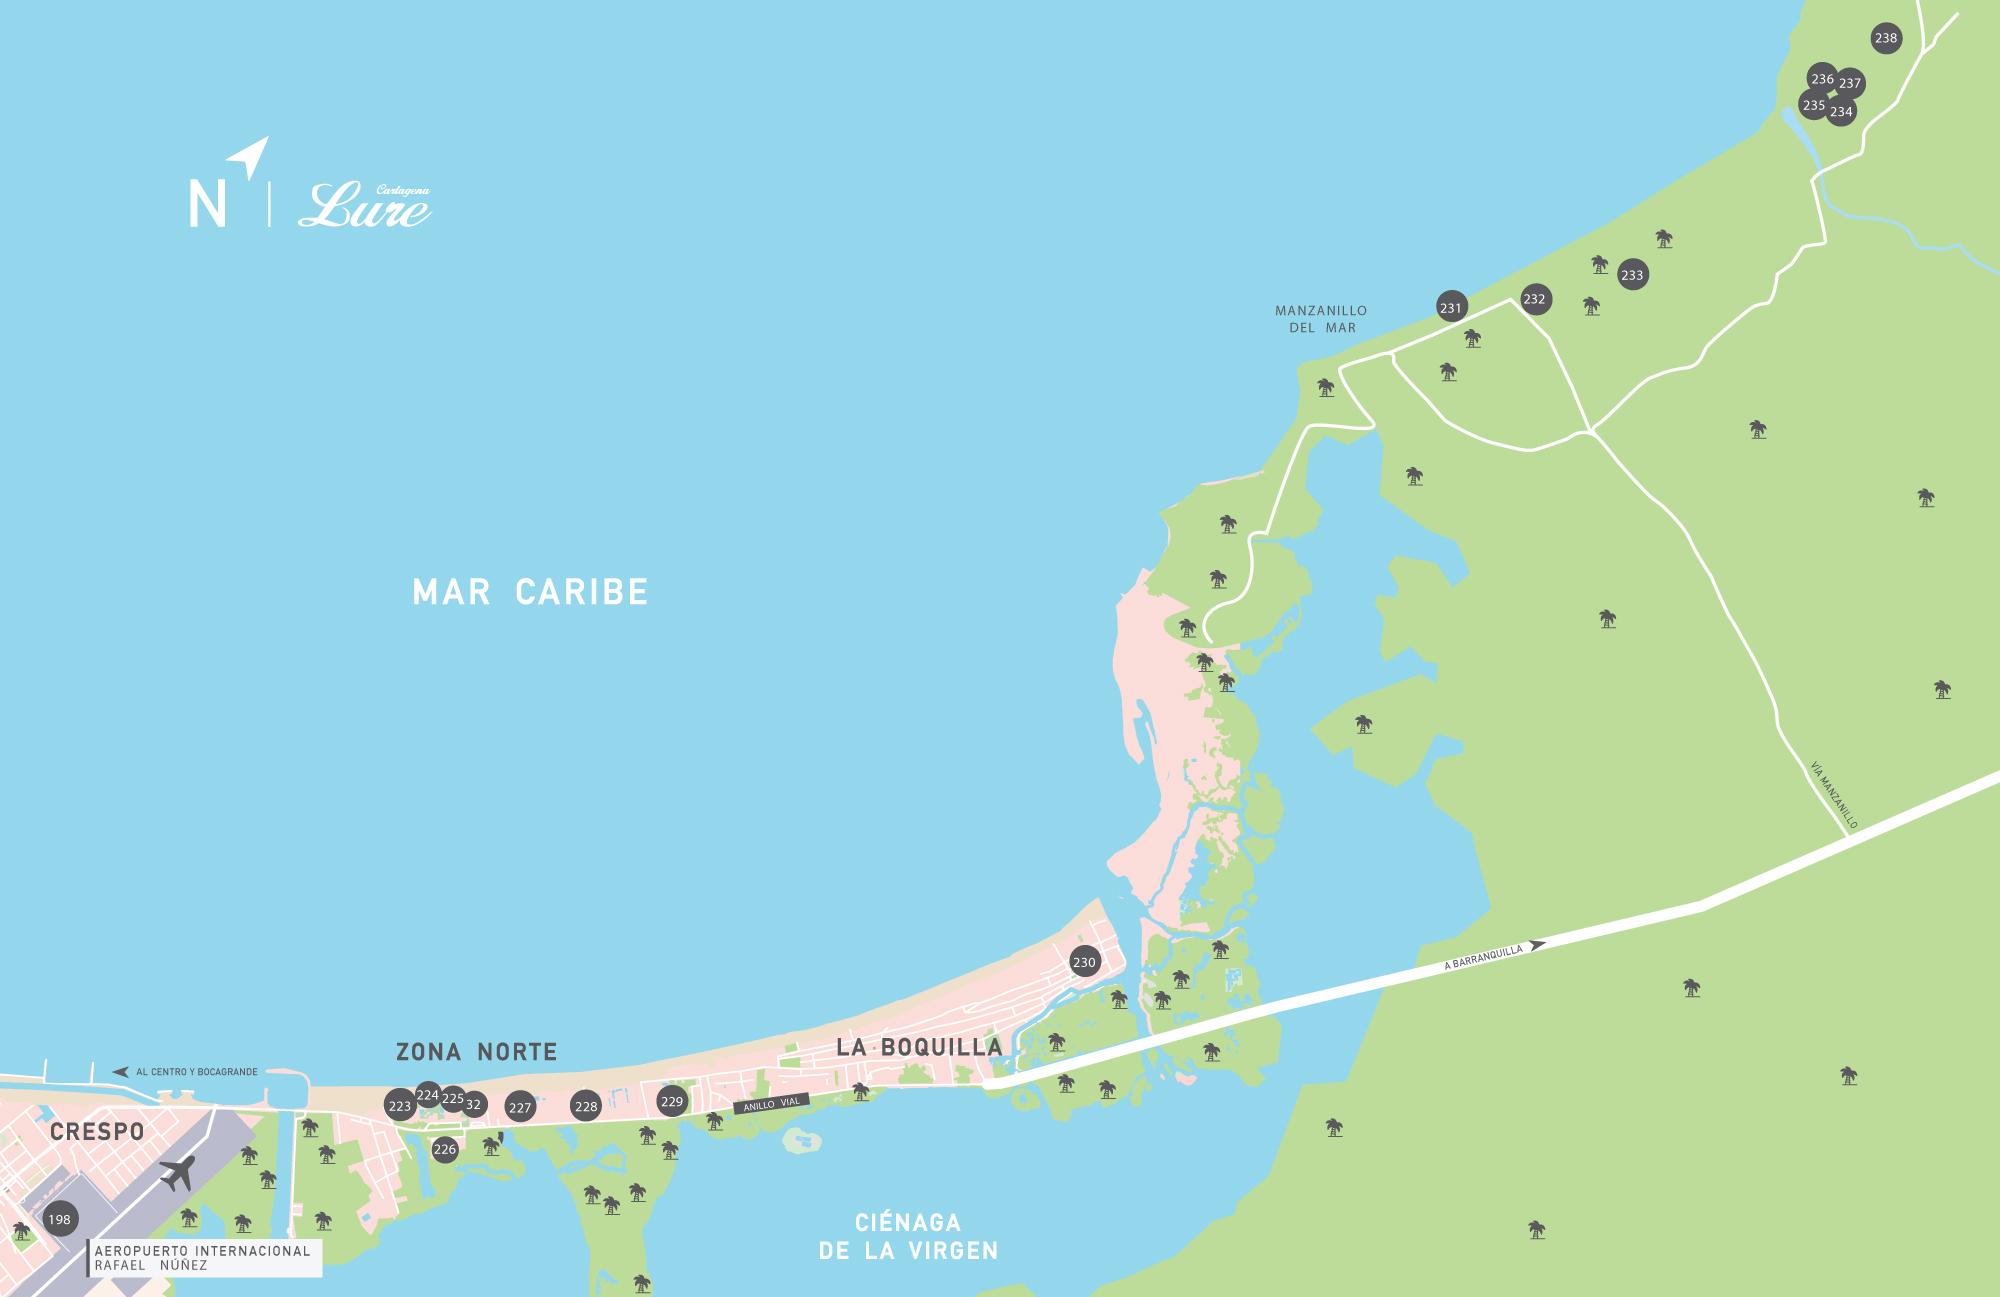 lure_mapa_norte_CTG_10